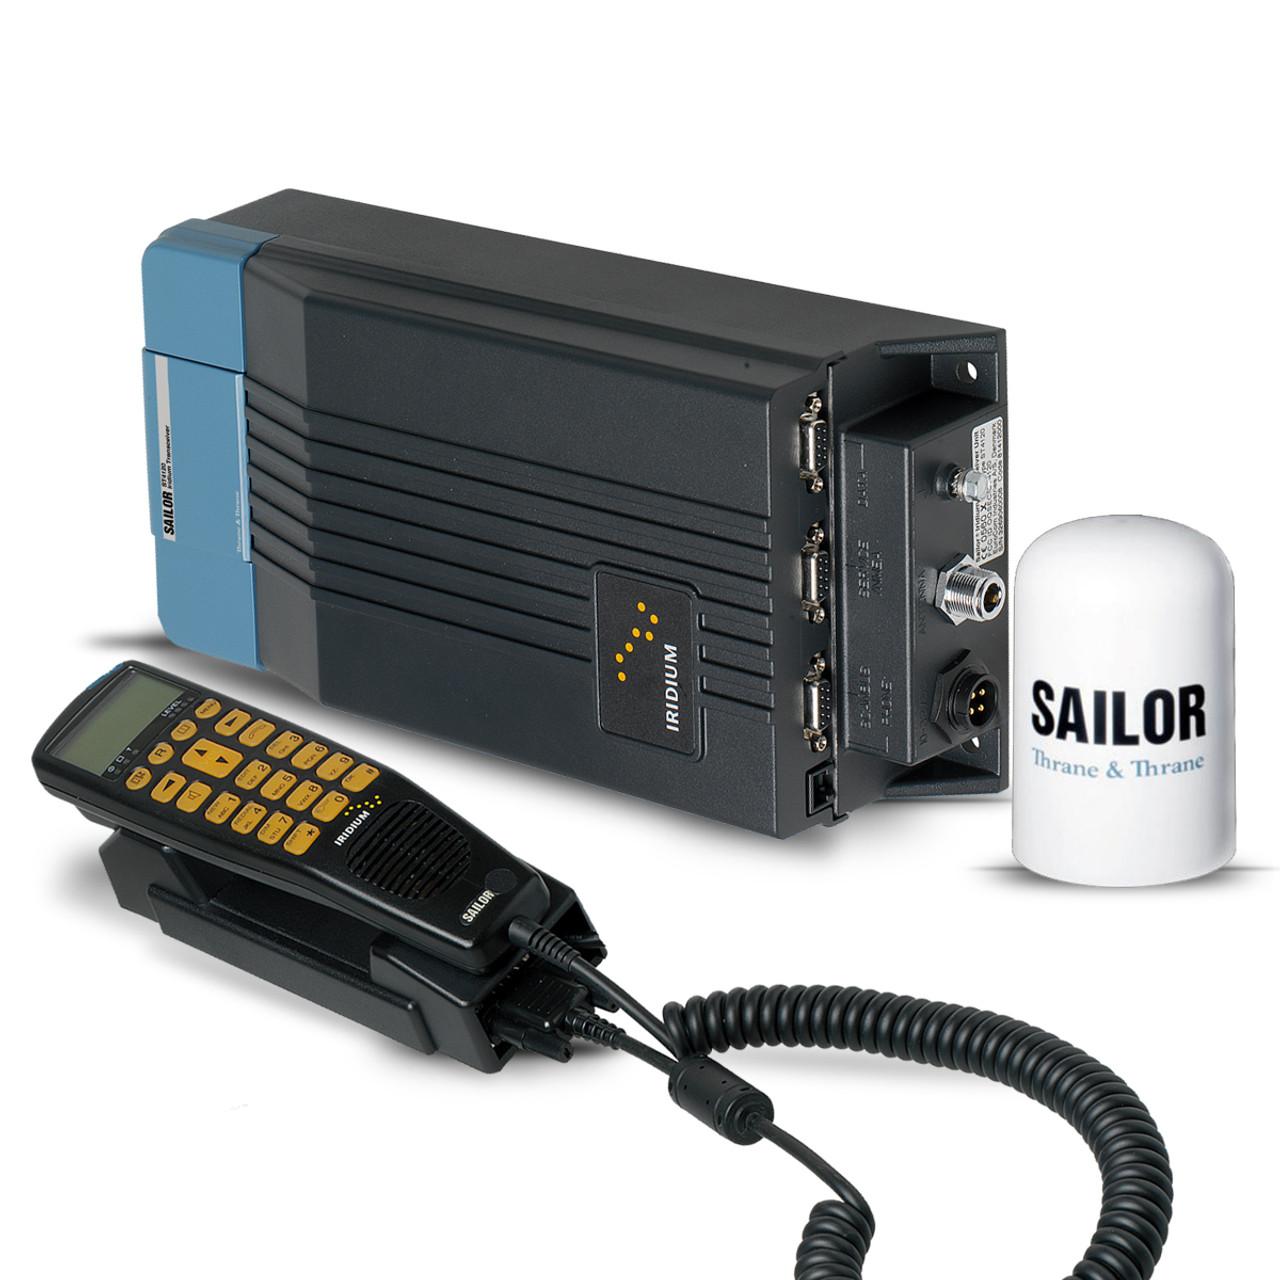 Sailor SC4000 Iridium Satellite Telephone System